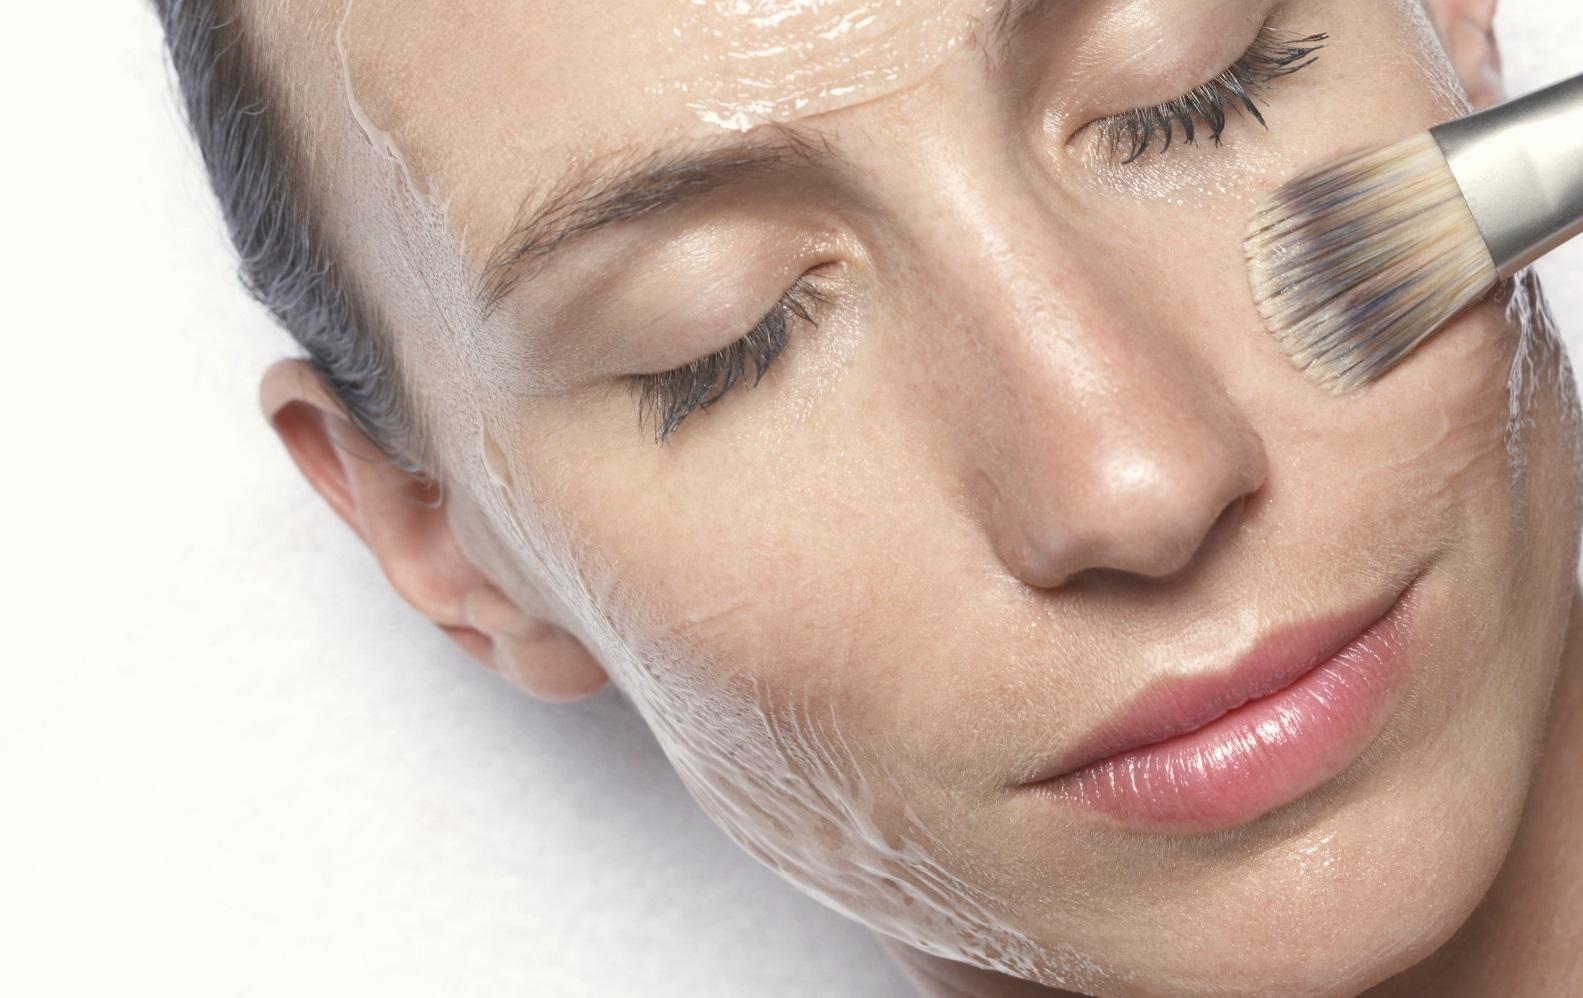 Чистая, здоровая кожа залог жизненного успеха